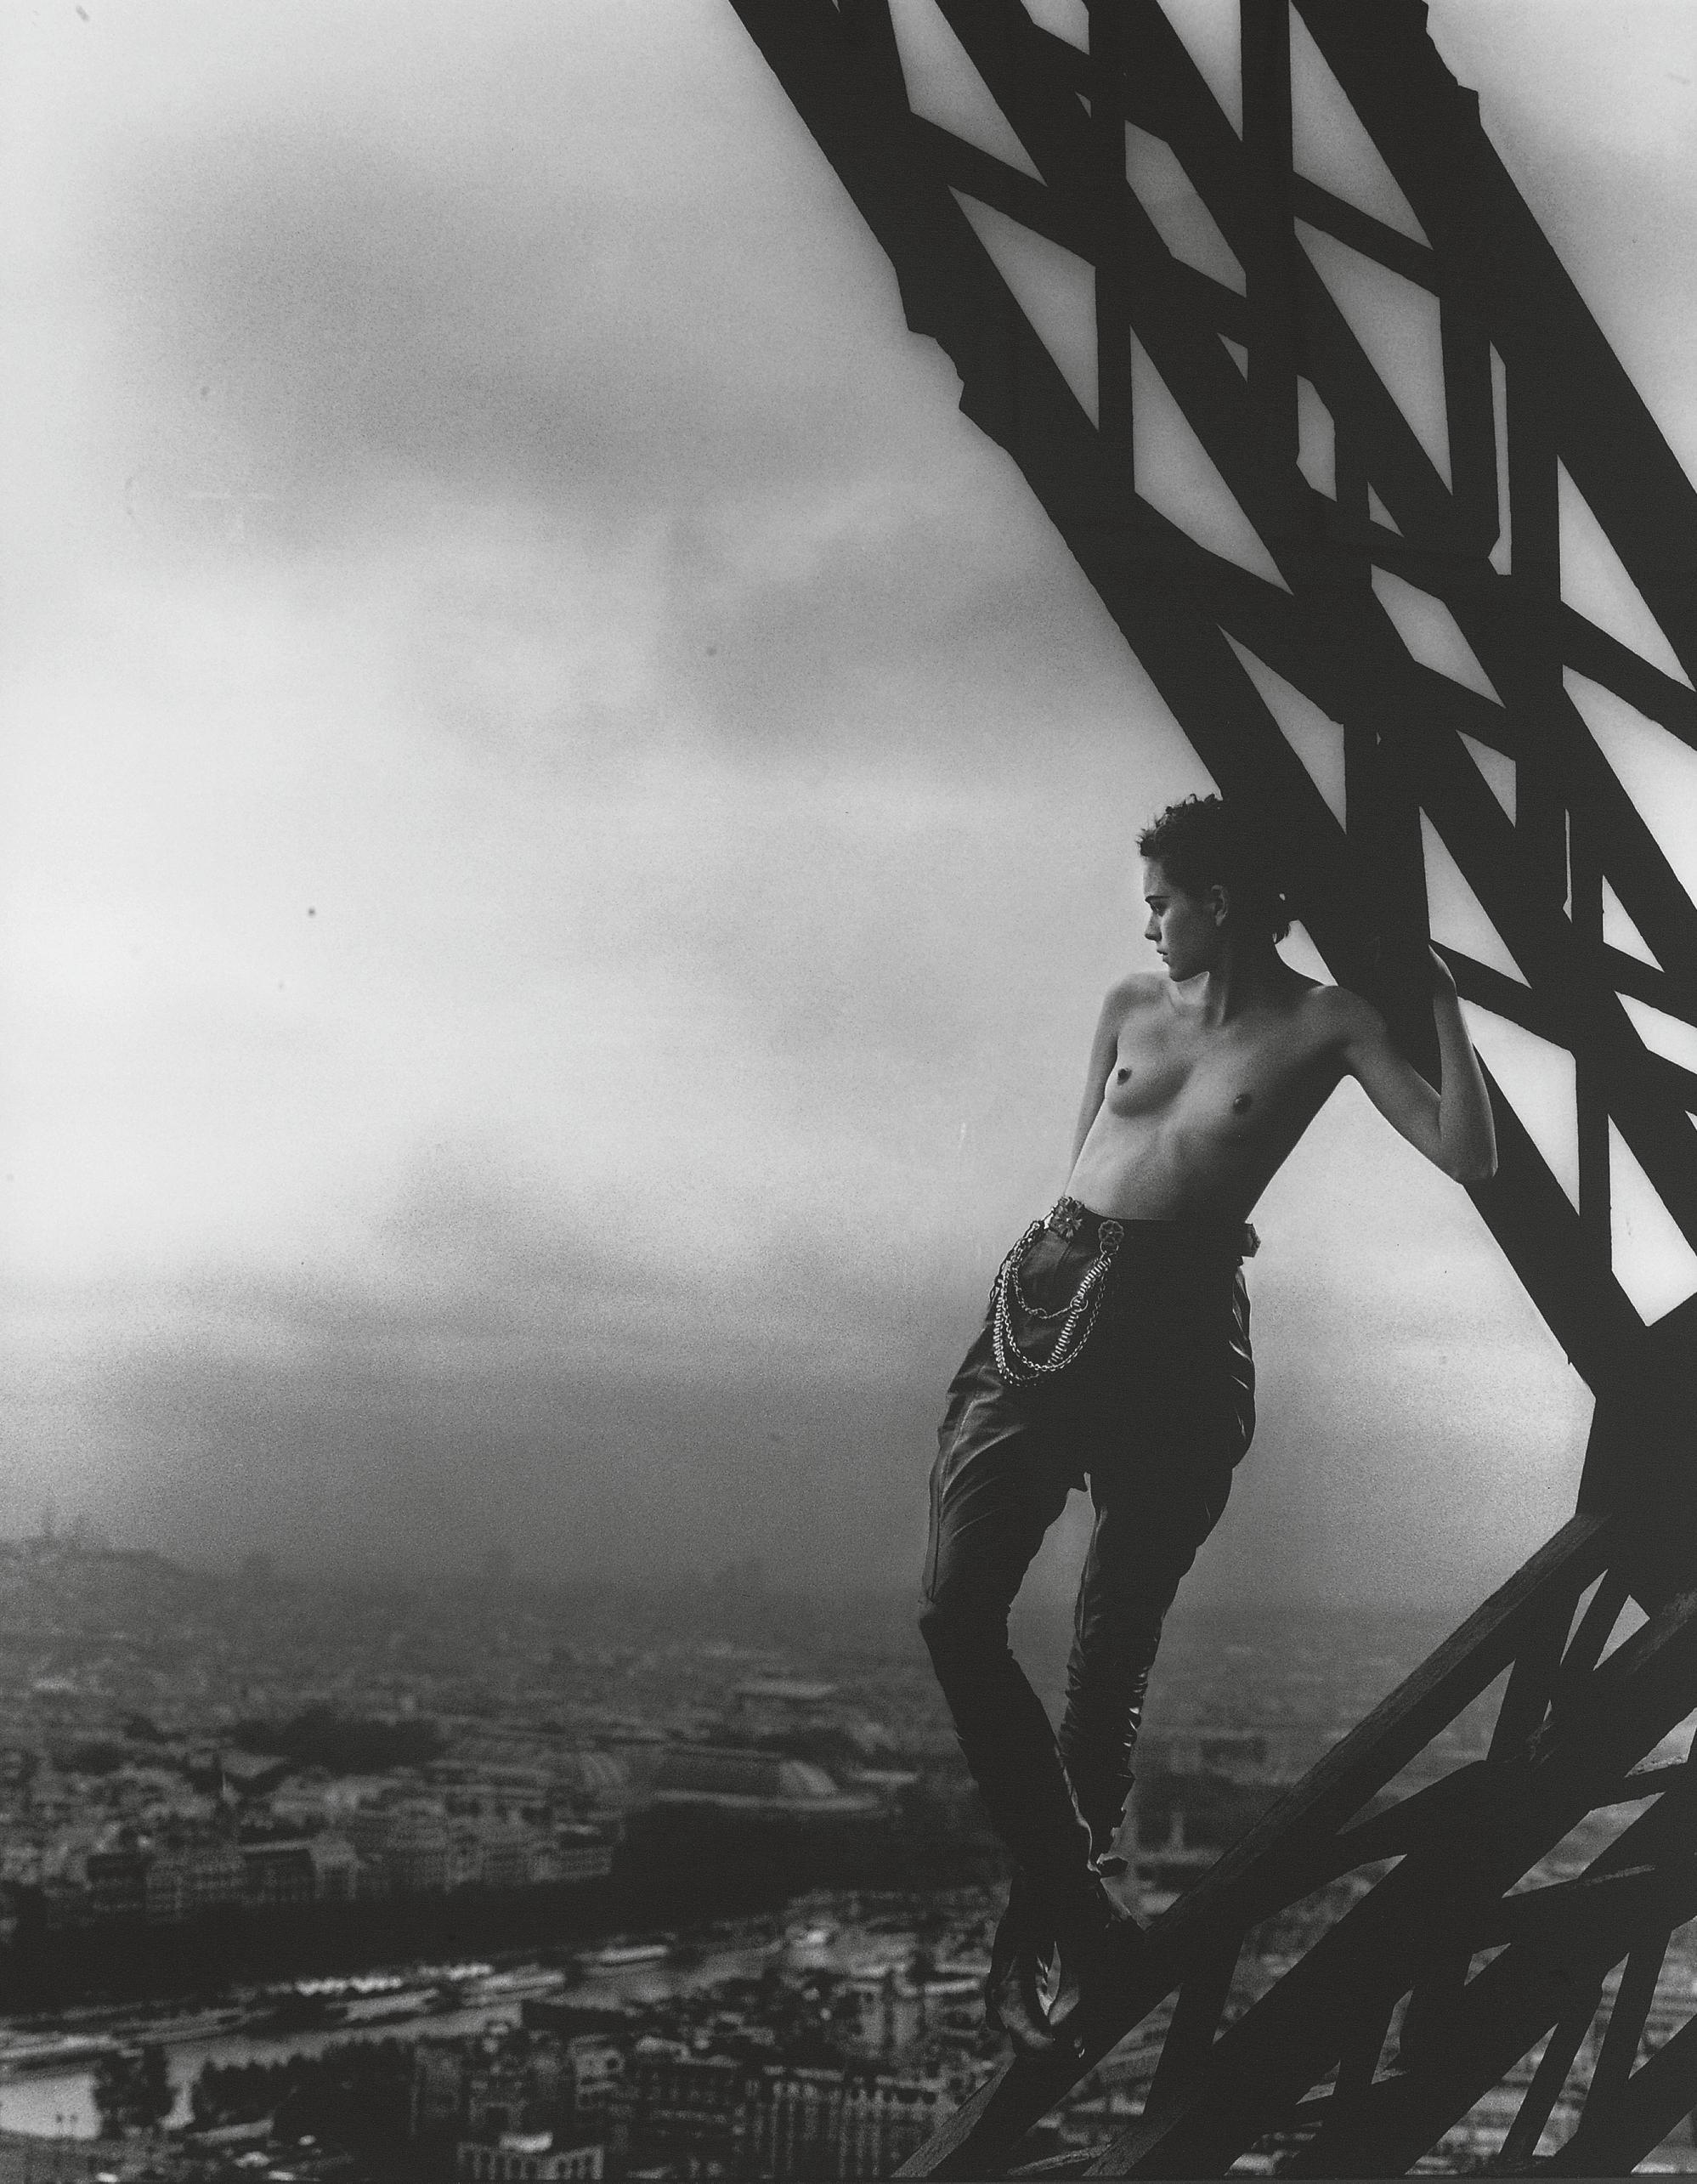 Mathilde, Tour Eiffel, Paris, for Rolling Stone, 1989